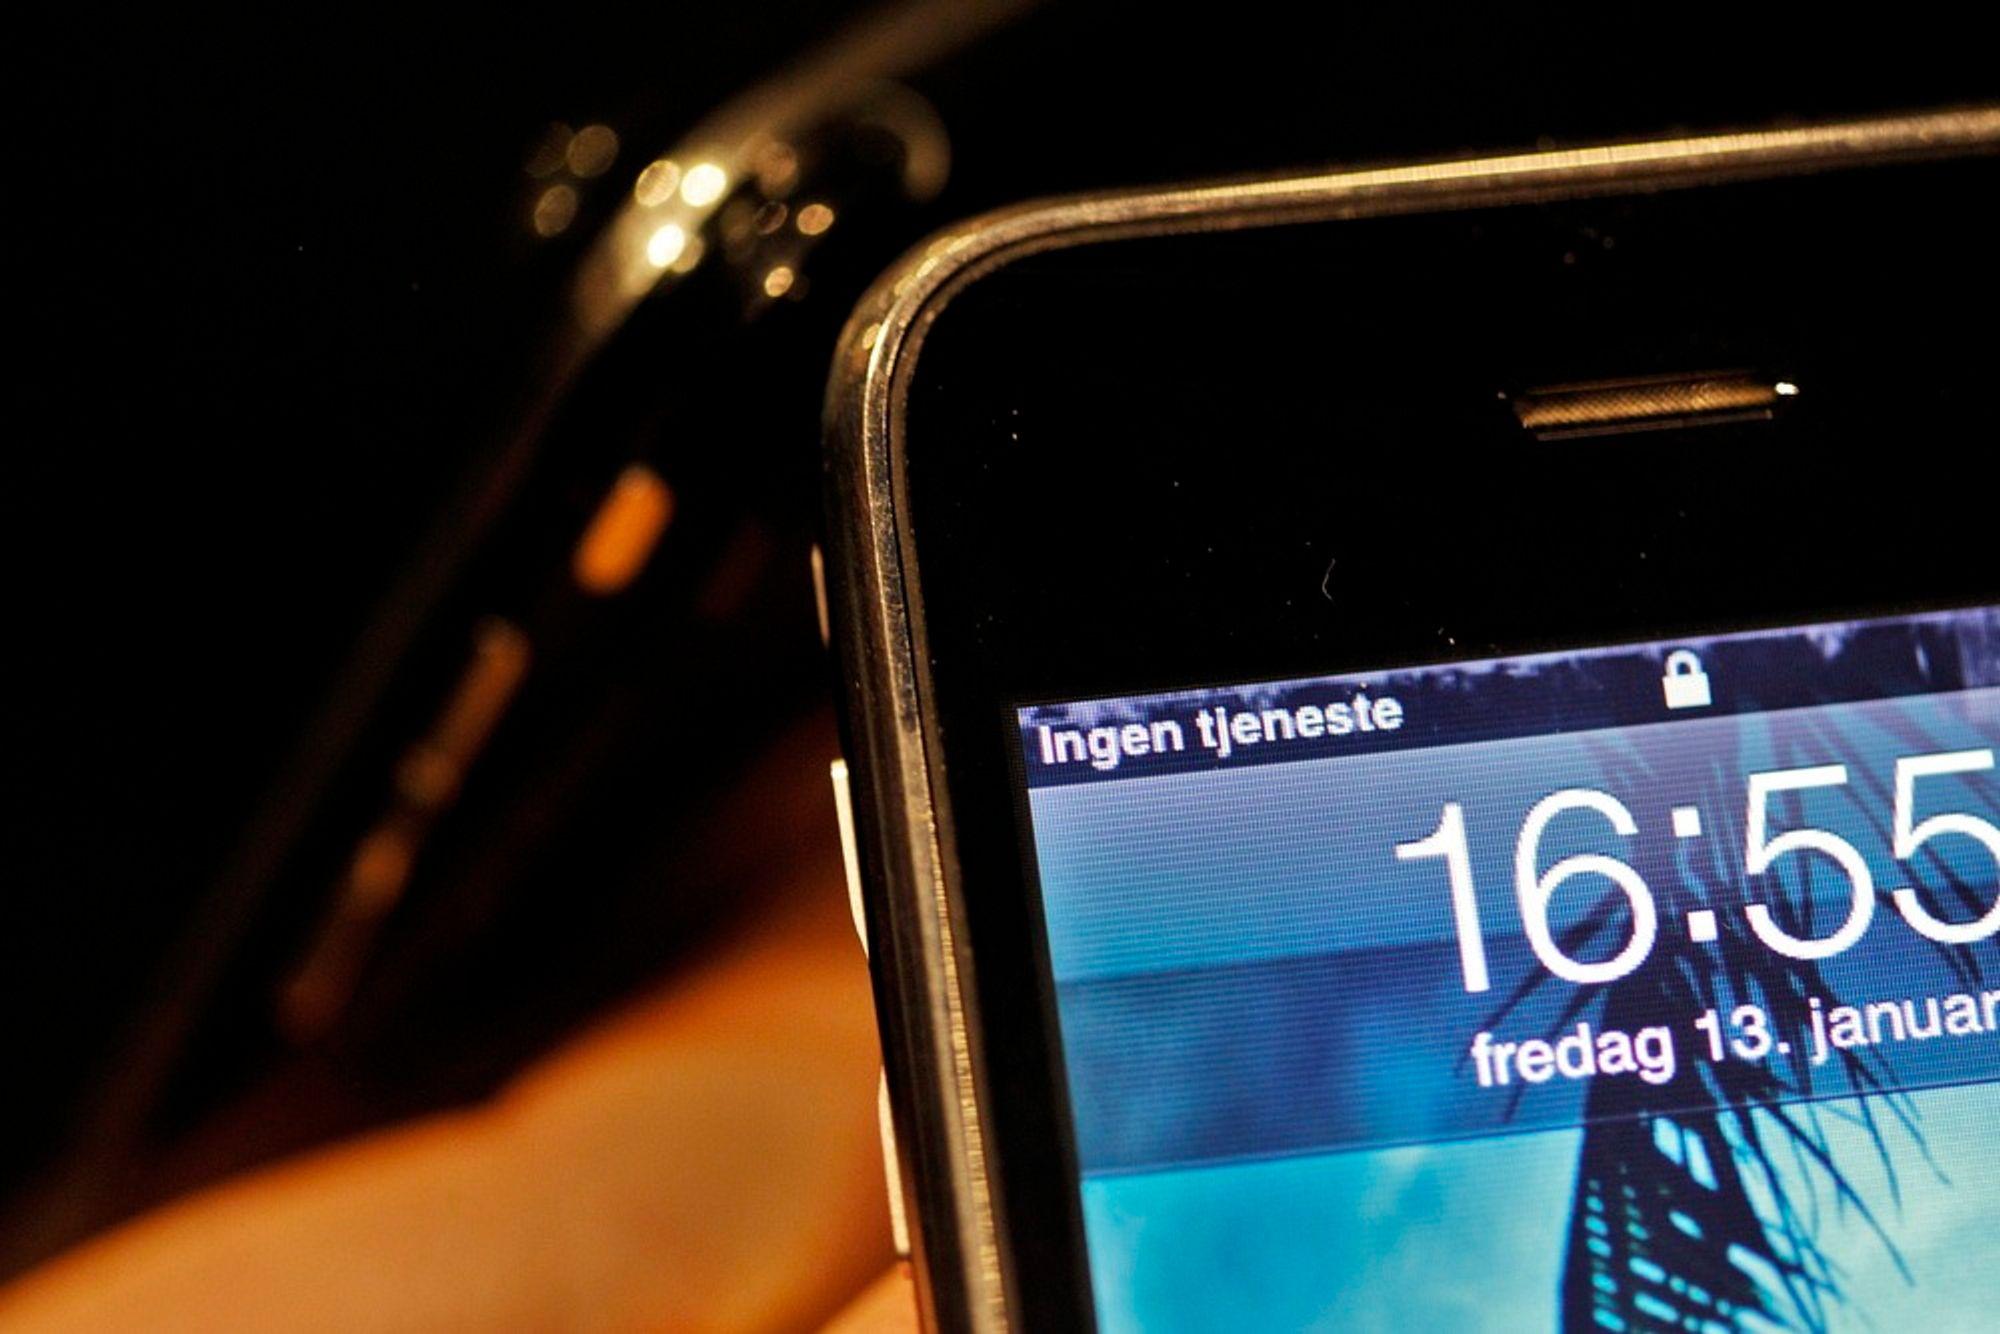 BATTERI: Telenettene skal kunne gå på batteri i minst seks timer ved strømbrudd - og mobilkundene må ta regningen.